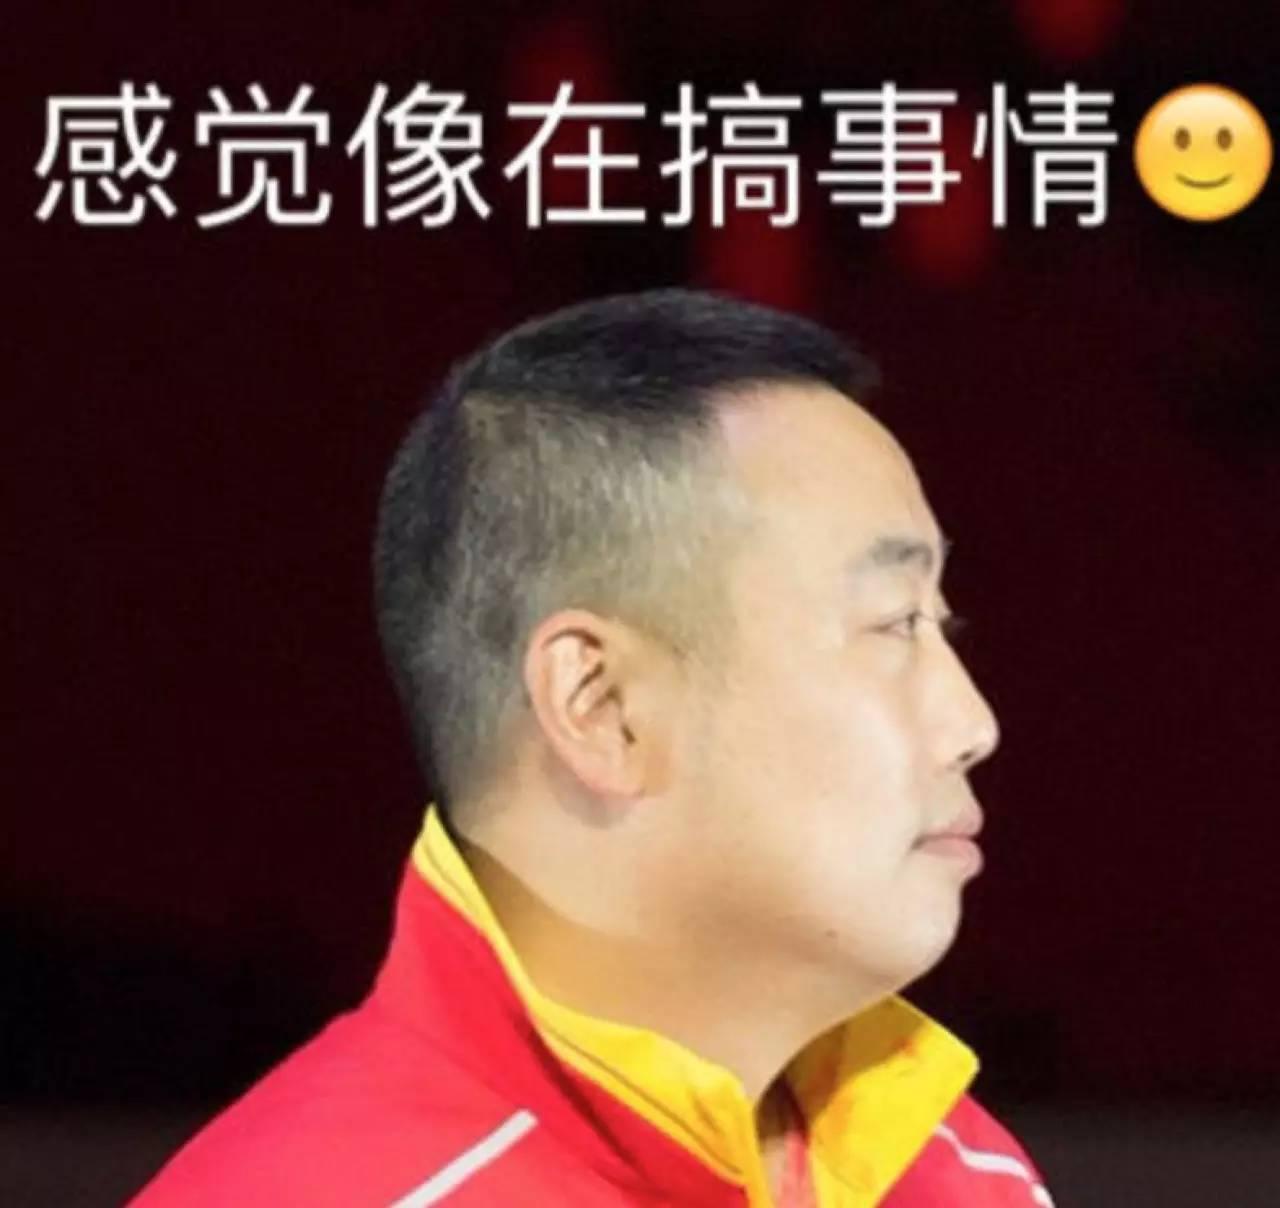 神秘富豪叫板马云:你要敢认输,1亿赌债我替你出!是谁在搞事情?